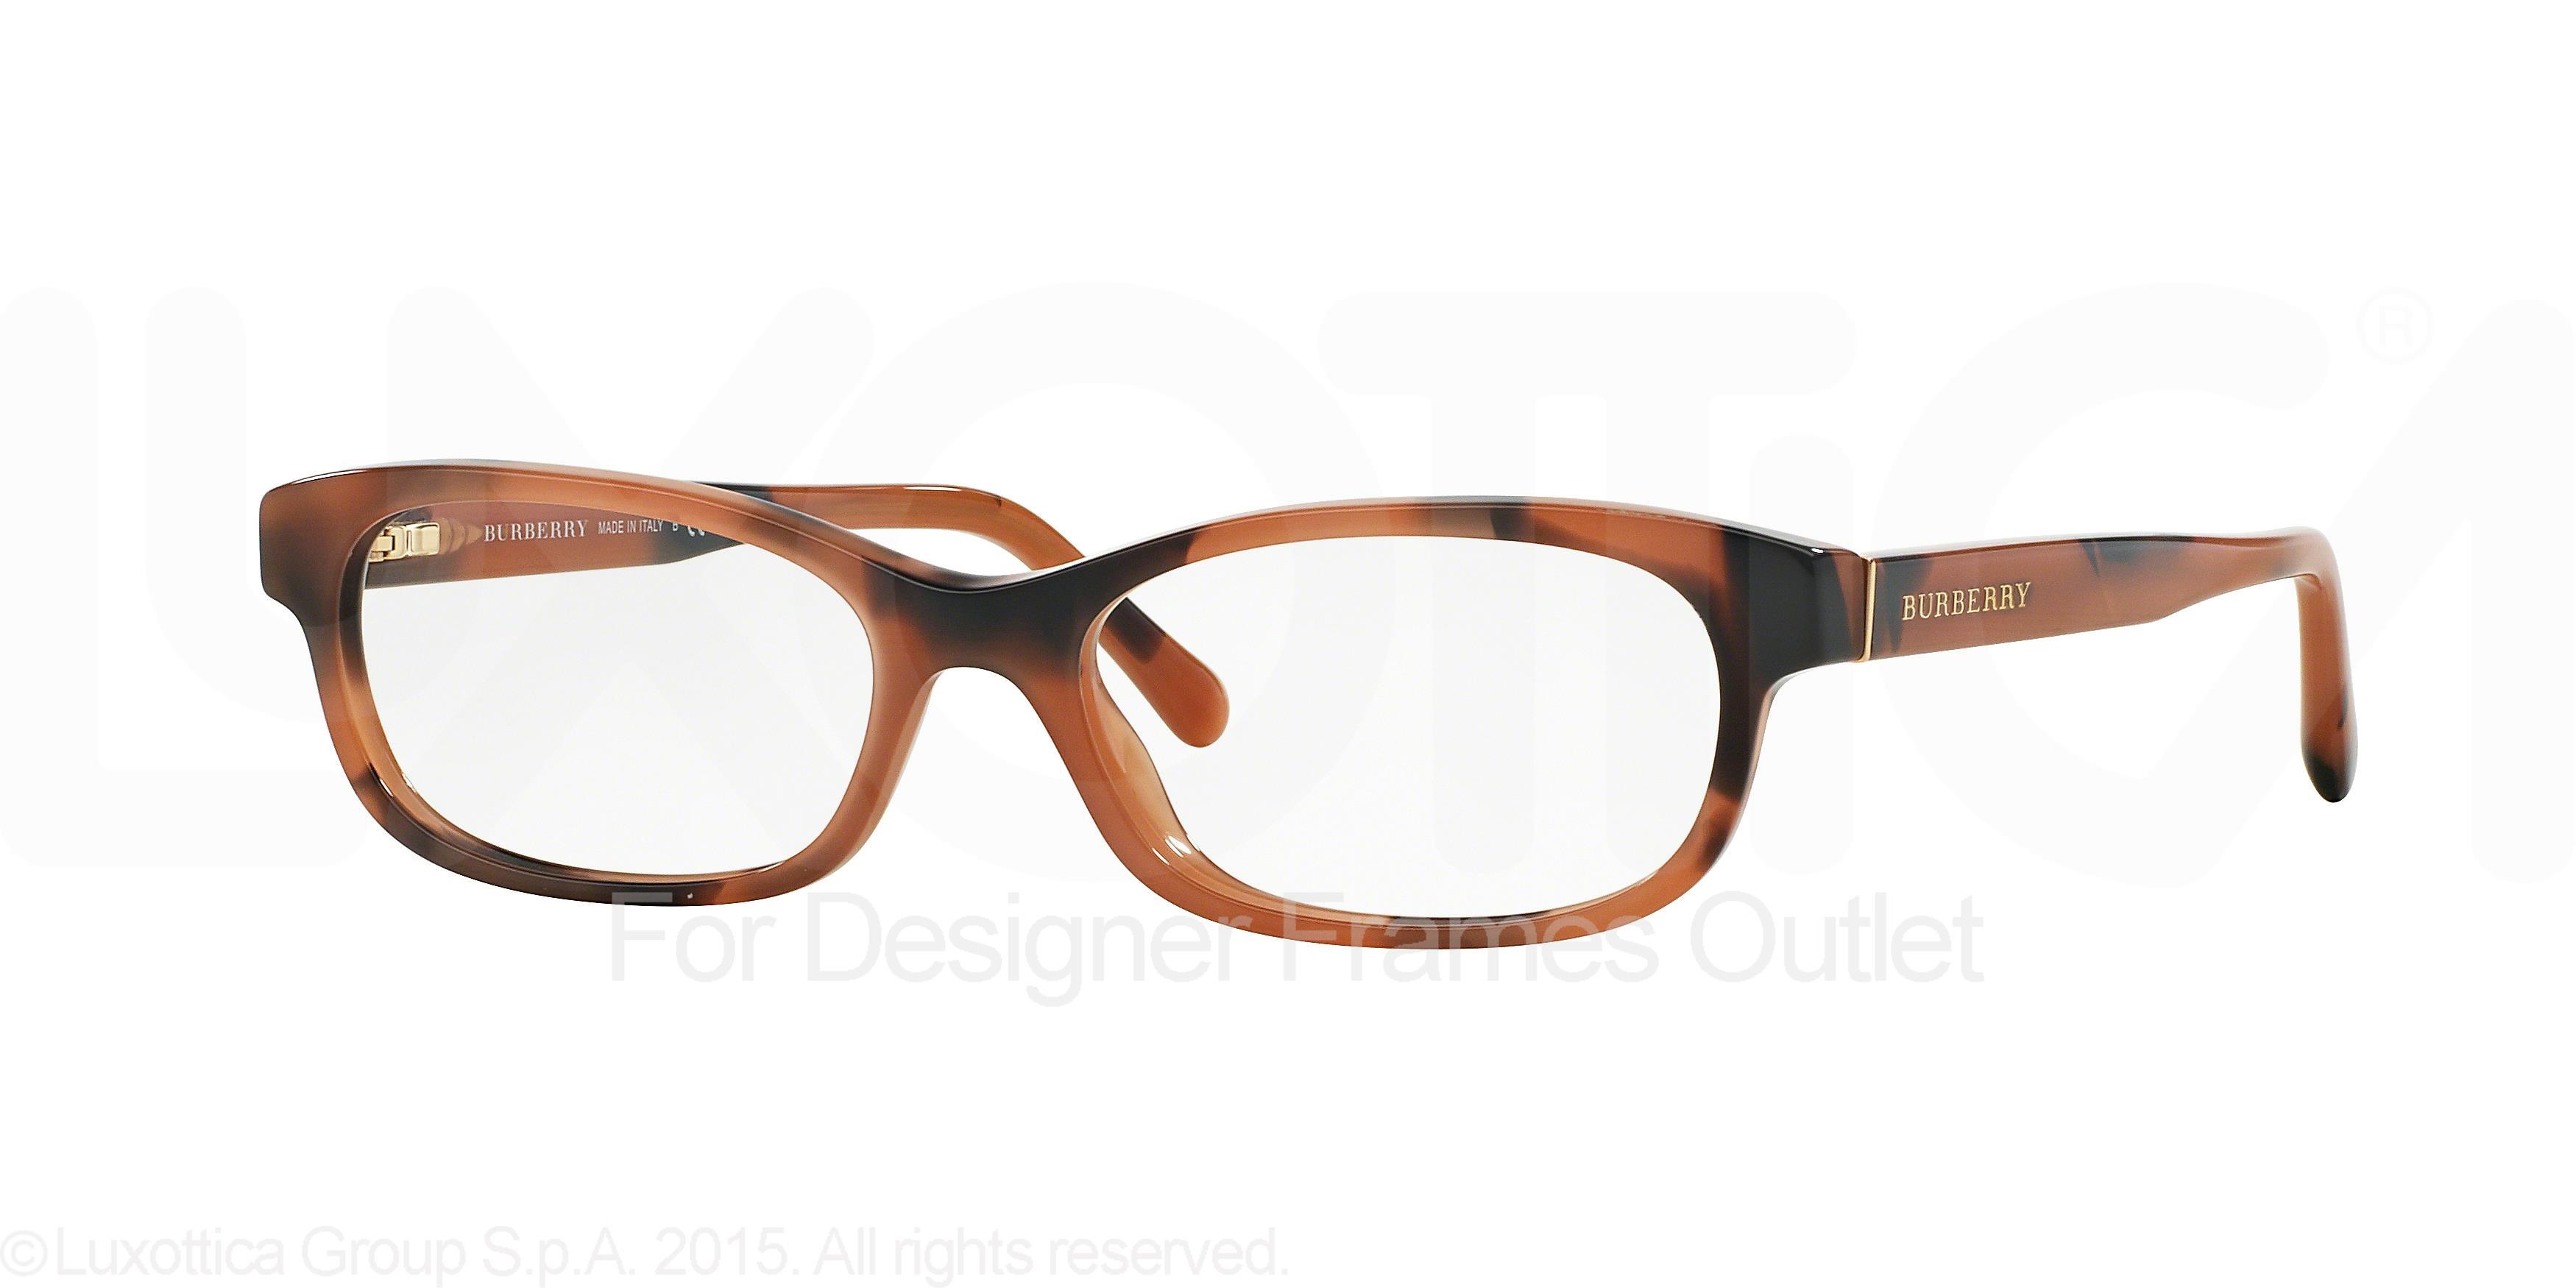 5372bc2ab66 Designer Frames Outlet. Burberry BE2202